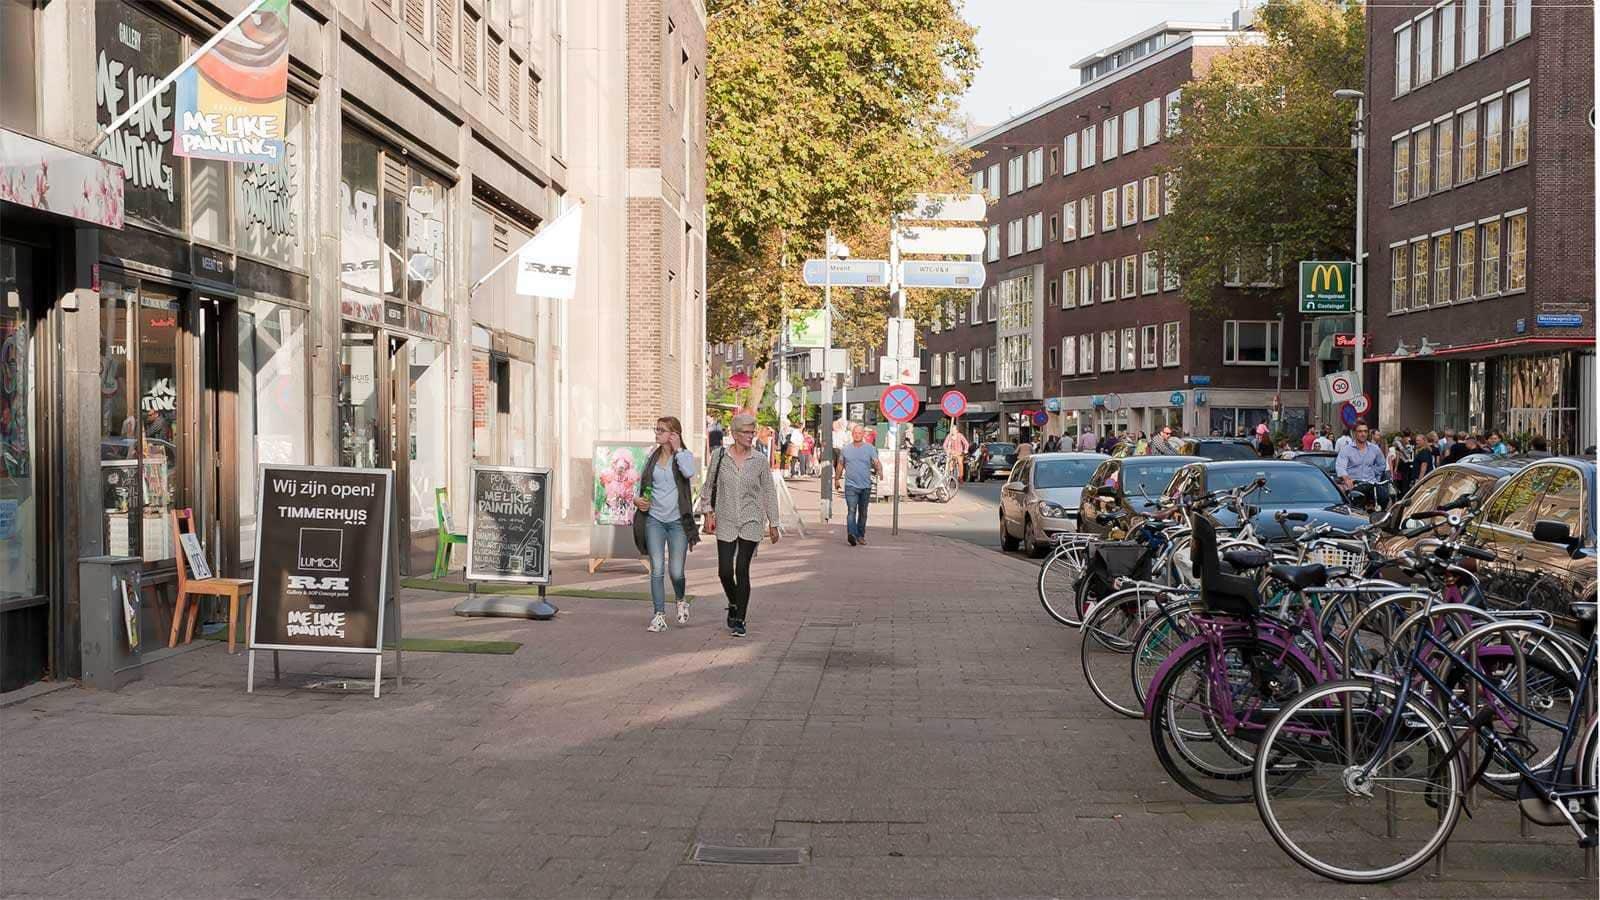 Stadstimmerhuis Rotterdam 3